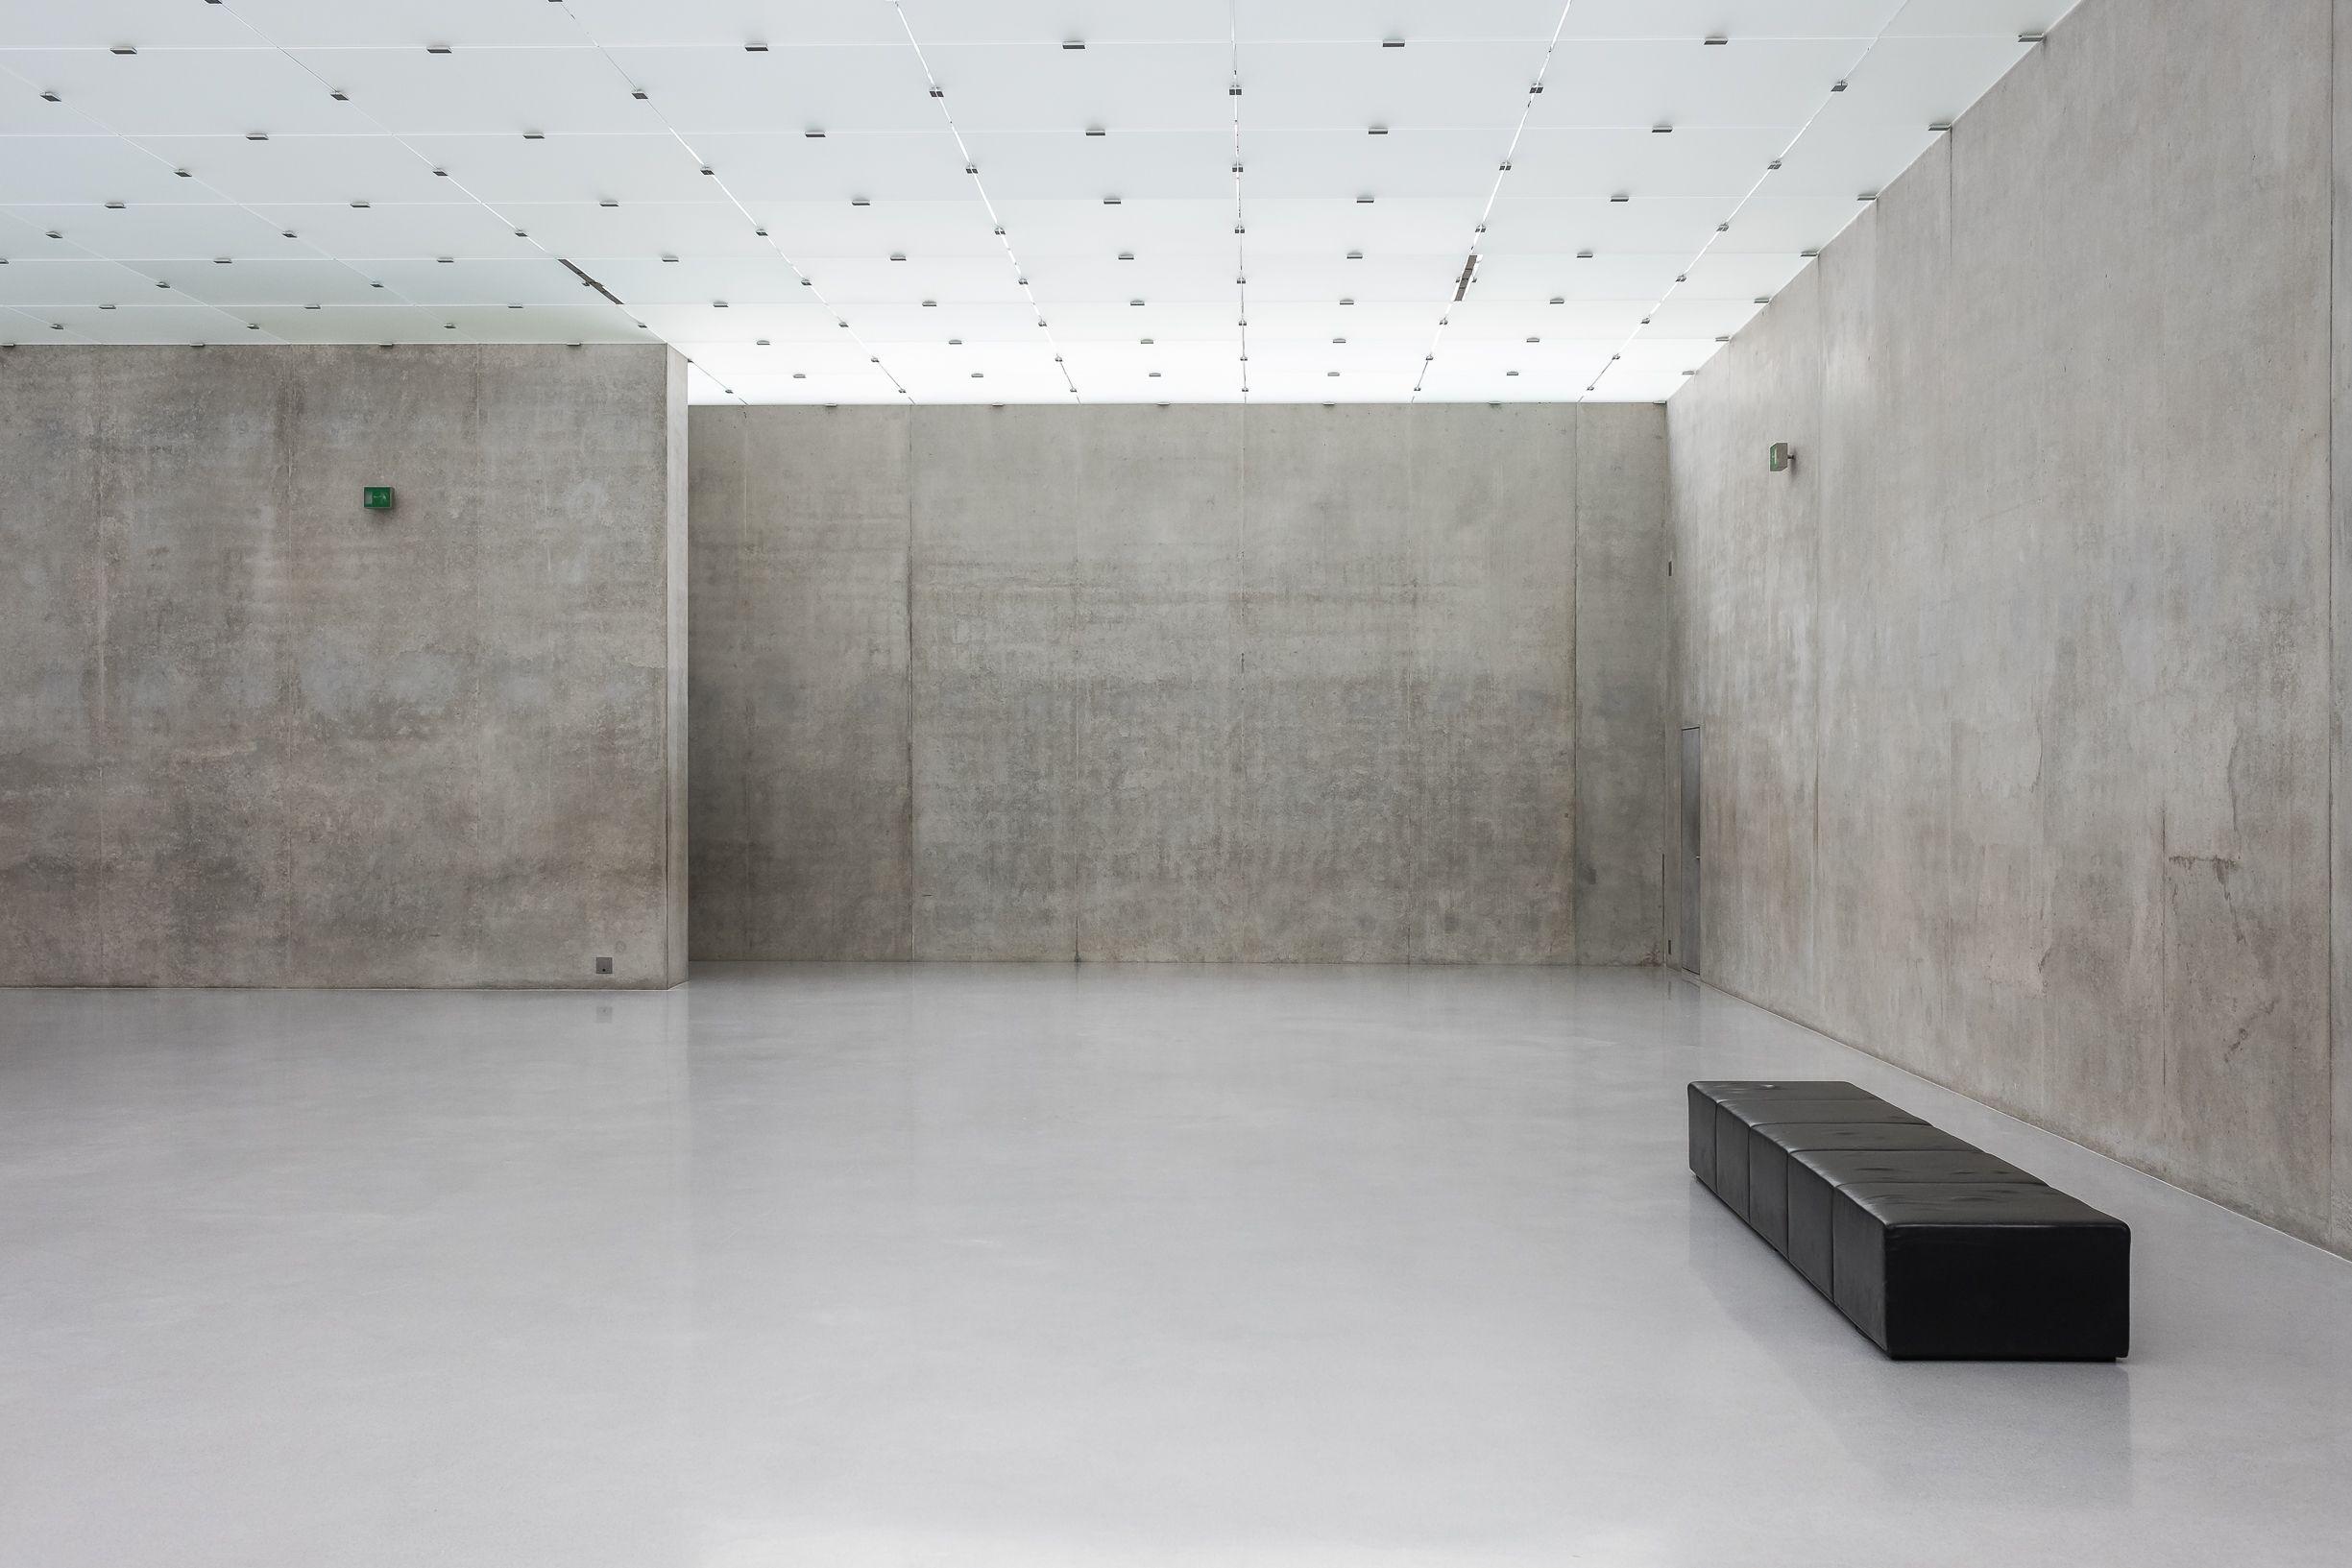 Sichtbetonwande Kunsthaus Bregenz Peter Zumthor Innenwande